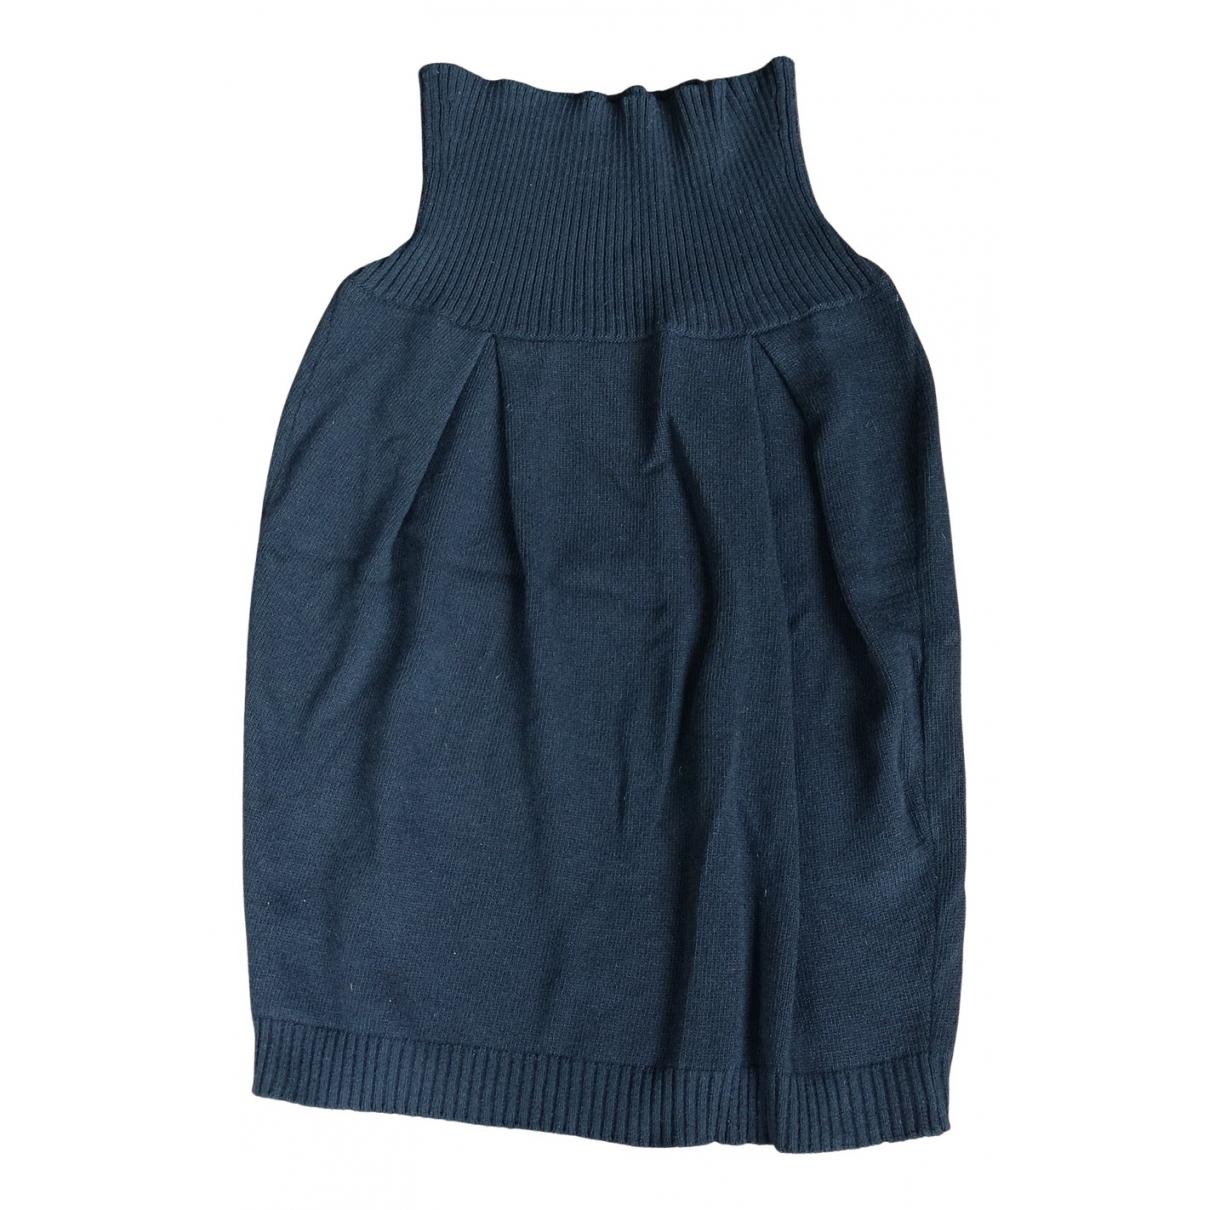 Benetton - Jupe   pour femme en laine - noir